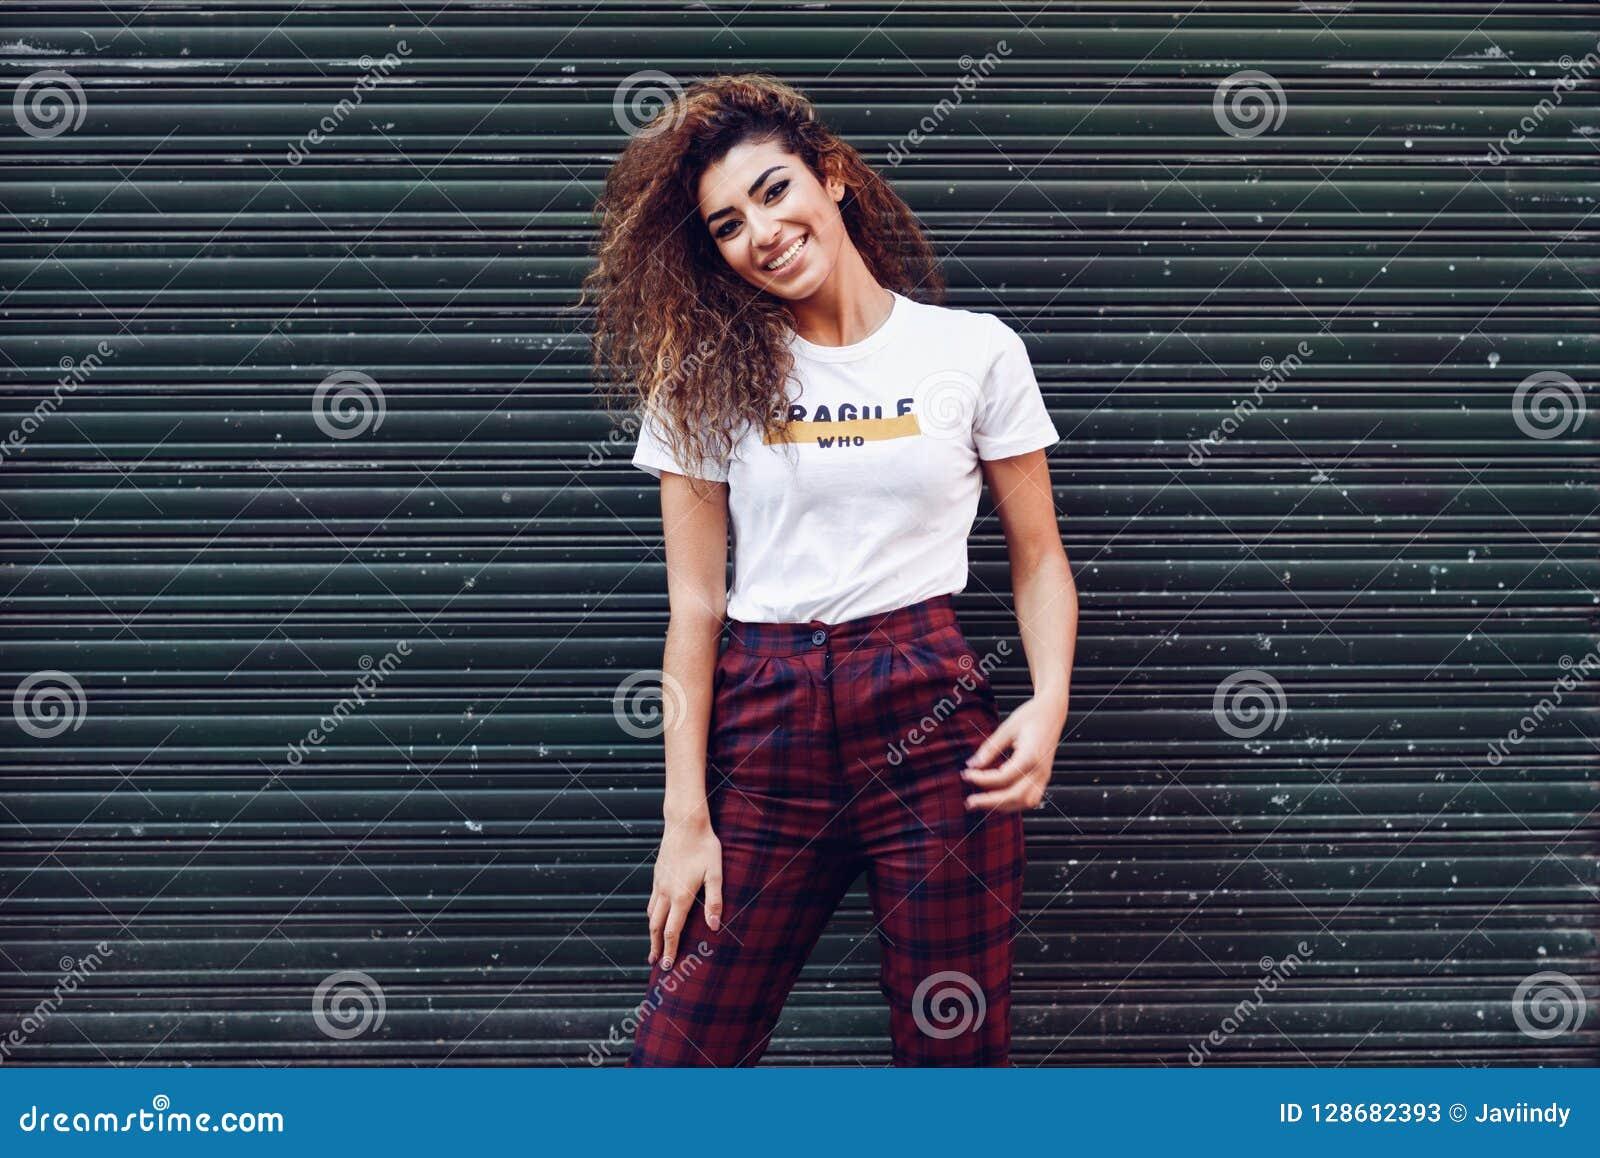 0655a5bb15 Ragazza Araba Sorridente In Abbigliamento Casual Nella Via Immagine ...